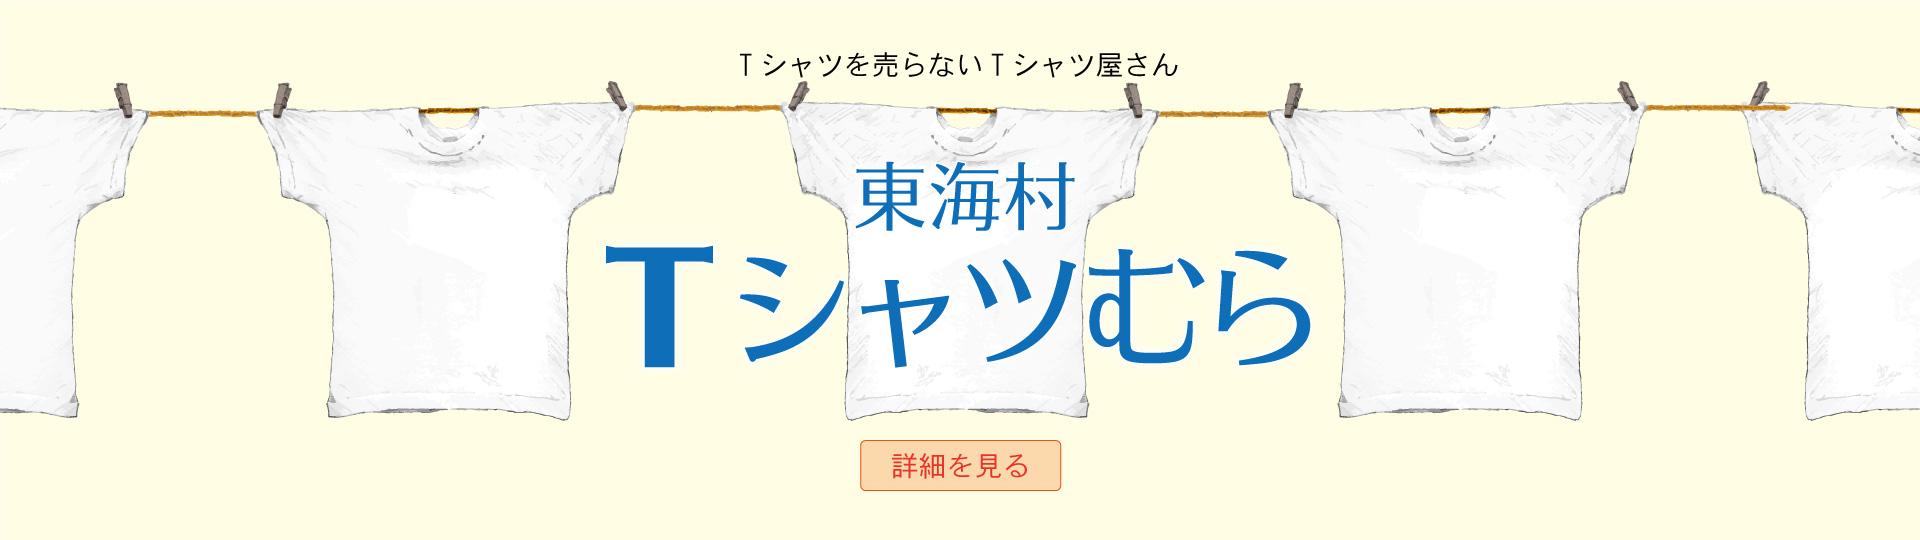 東海村Tシャツむら~Tシャツを売らないTシャツ屋さん